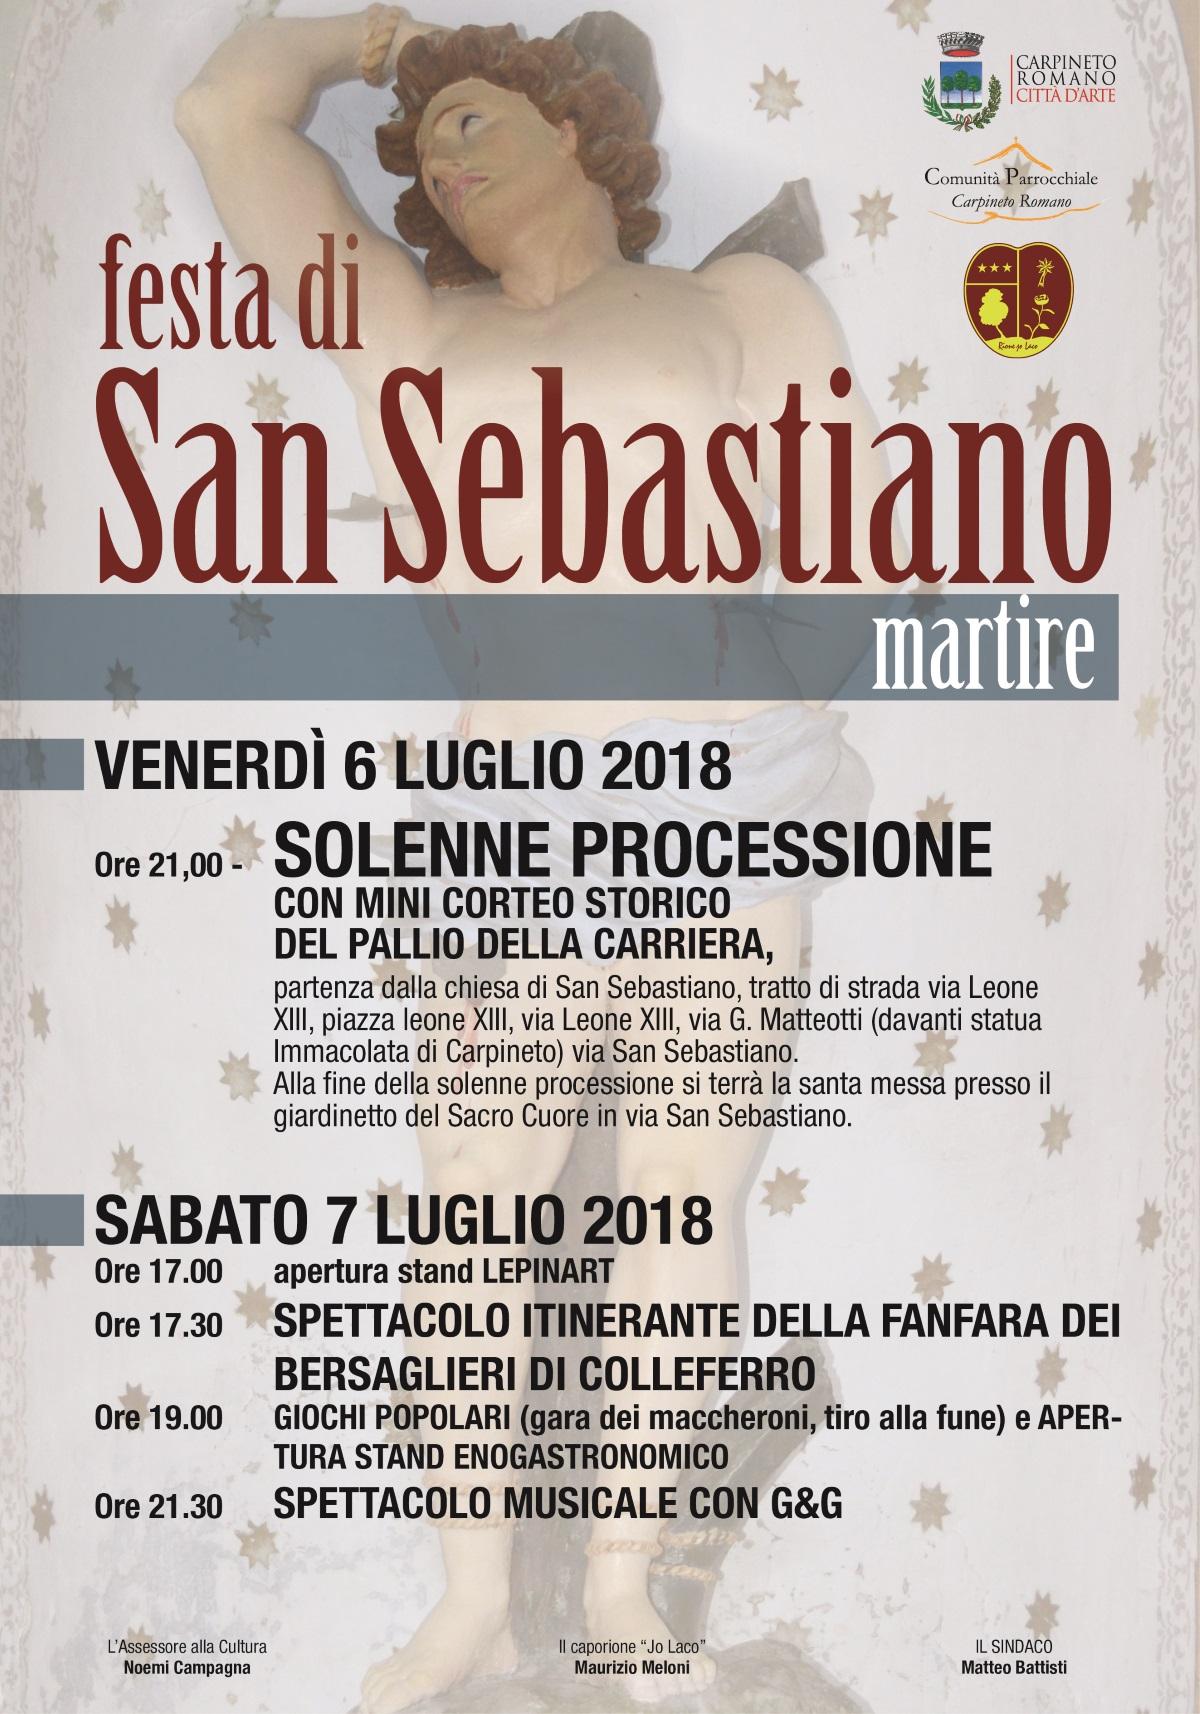 Carpineto: Festa di San Sebastiano Martire @ Chiesa di San Sebastiano | Carpineto Romano | Lazio | Italia